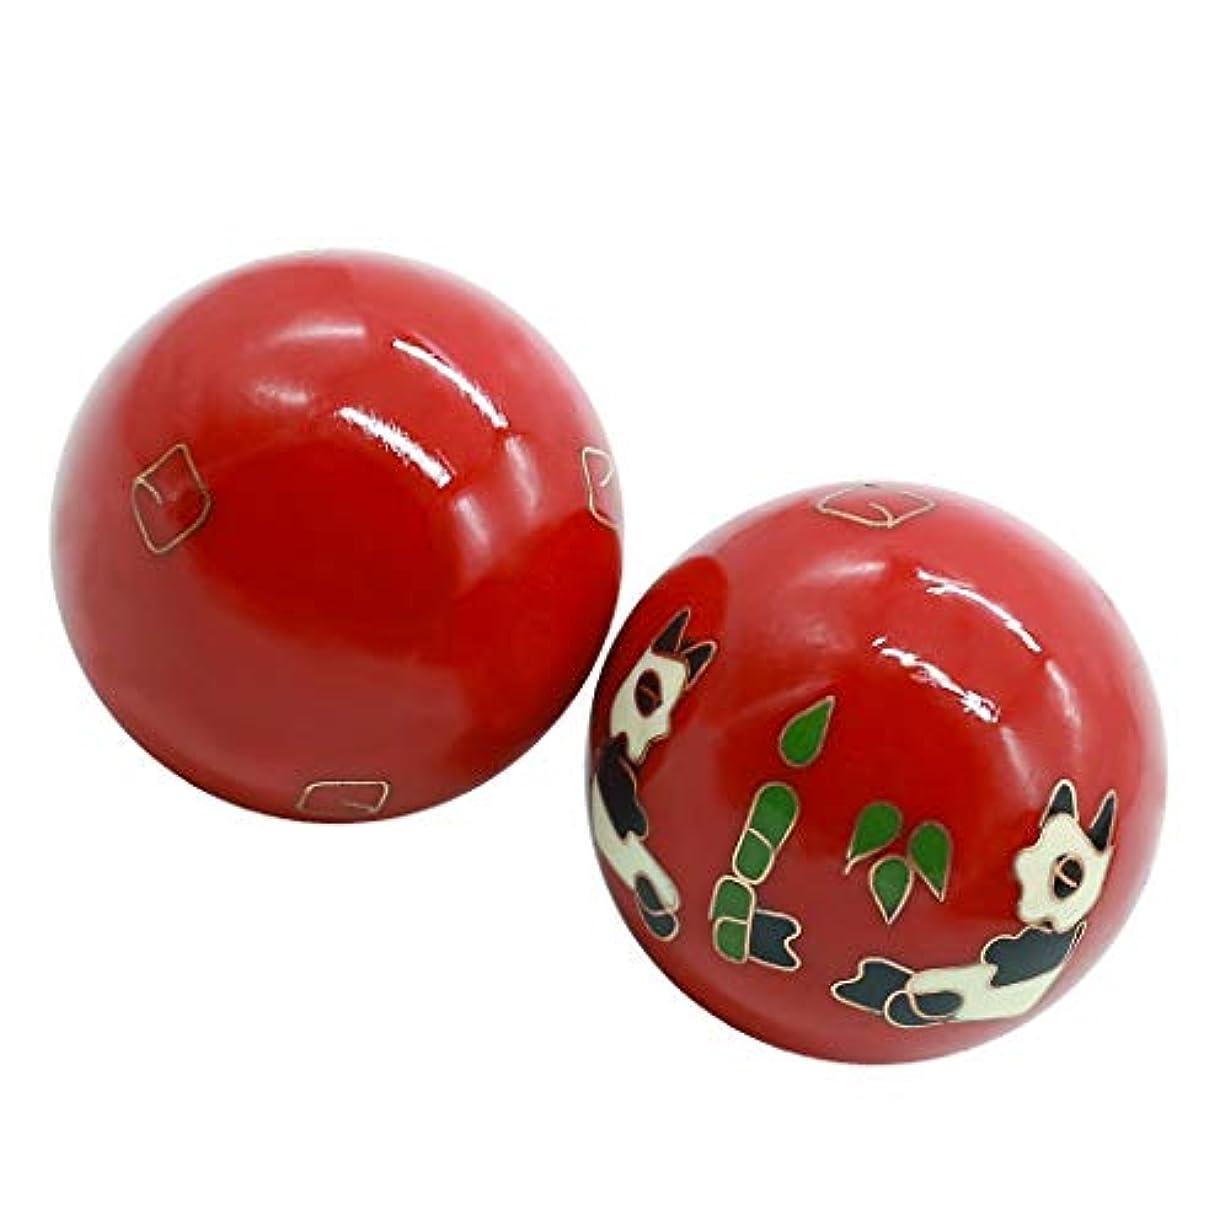 郵便マラウイ懲らしめ風水グッズ 健康球 健身球 脳 活性 ストレス トレーニング器具 手の機能回復 2個 パンダ (赤い, 35mm) INB166